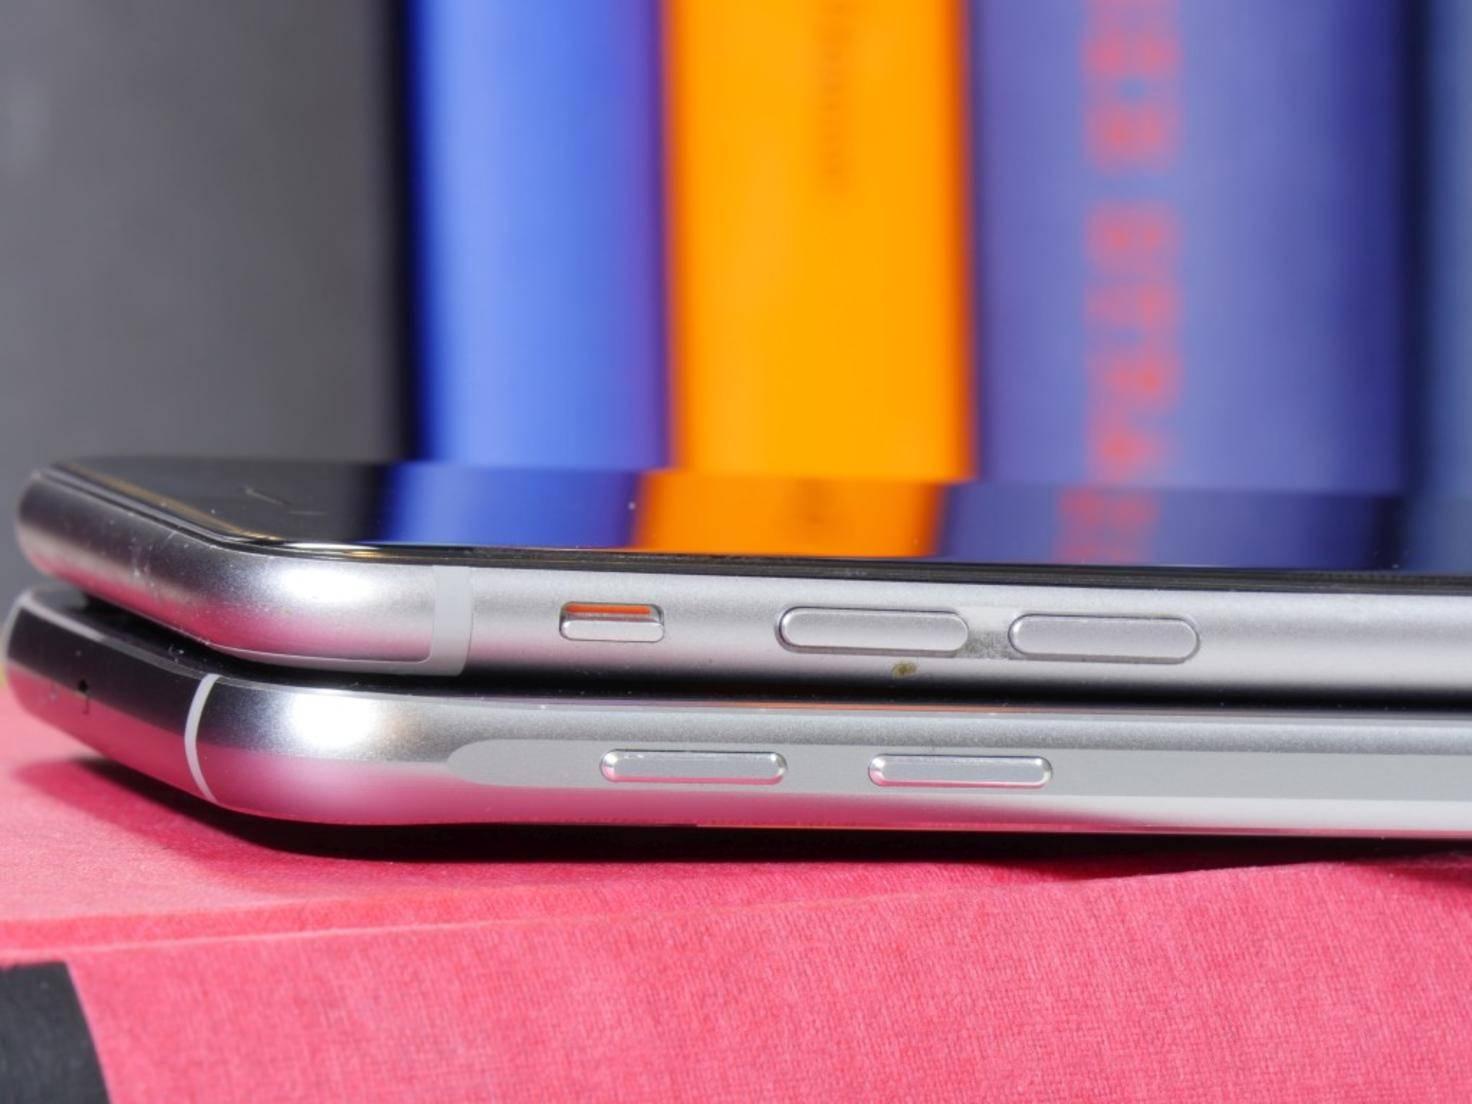 iPhone 6 (oben) und Galaxy S6 im Vergleich.